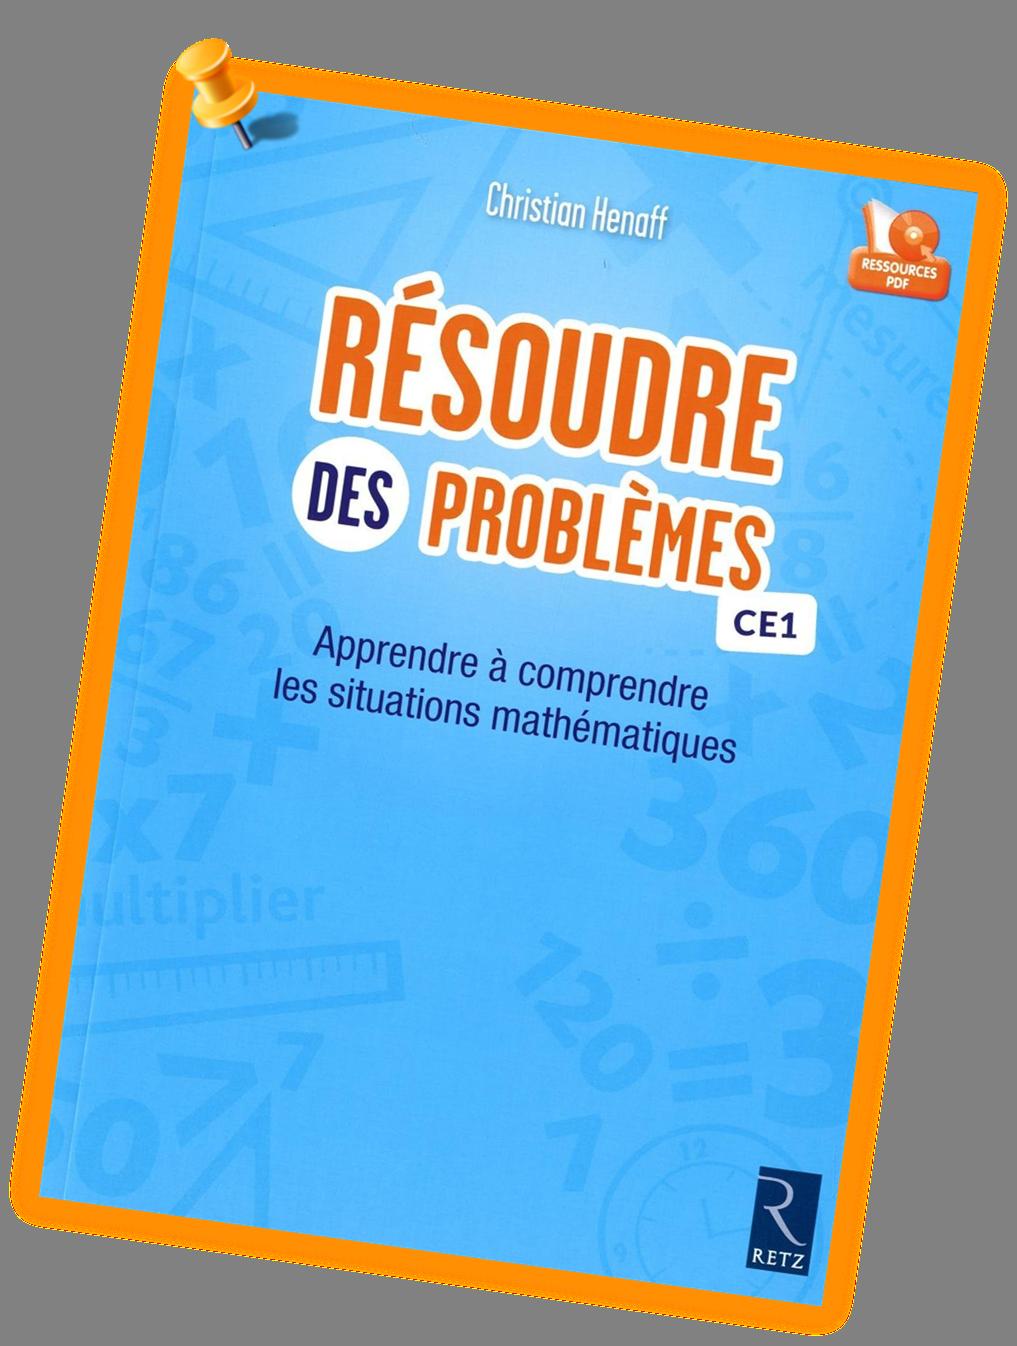 Résoudre des problème CE1